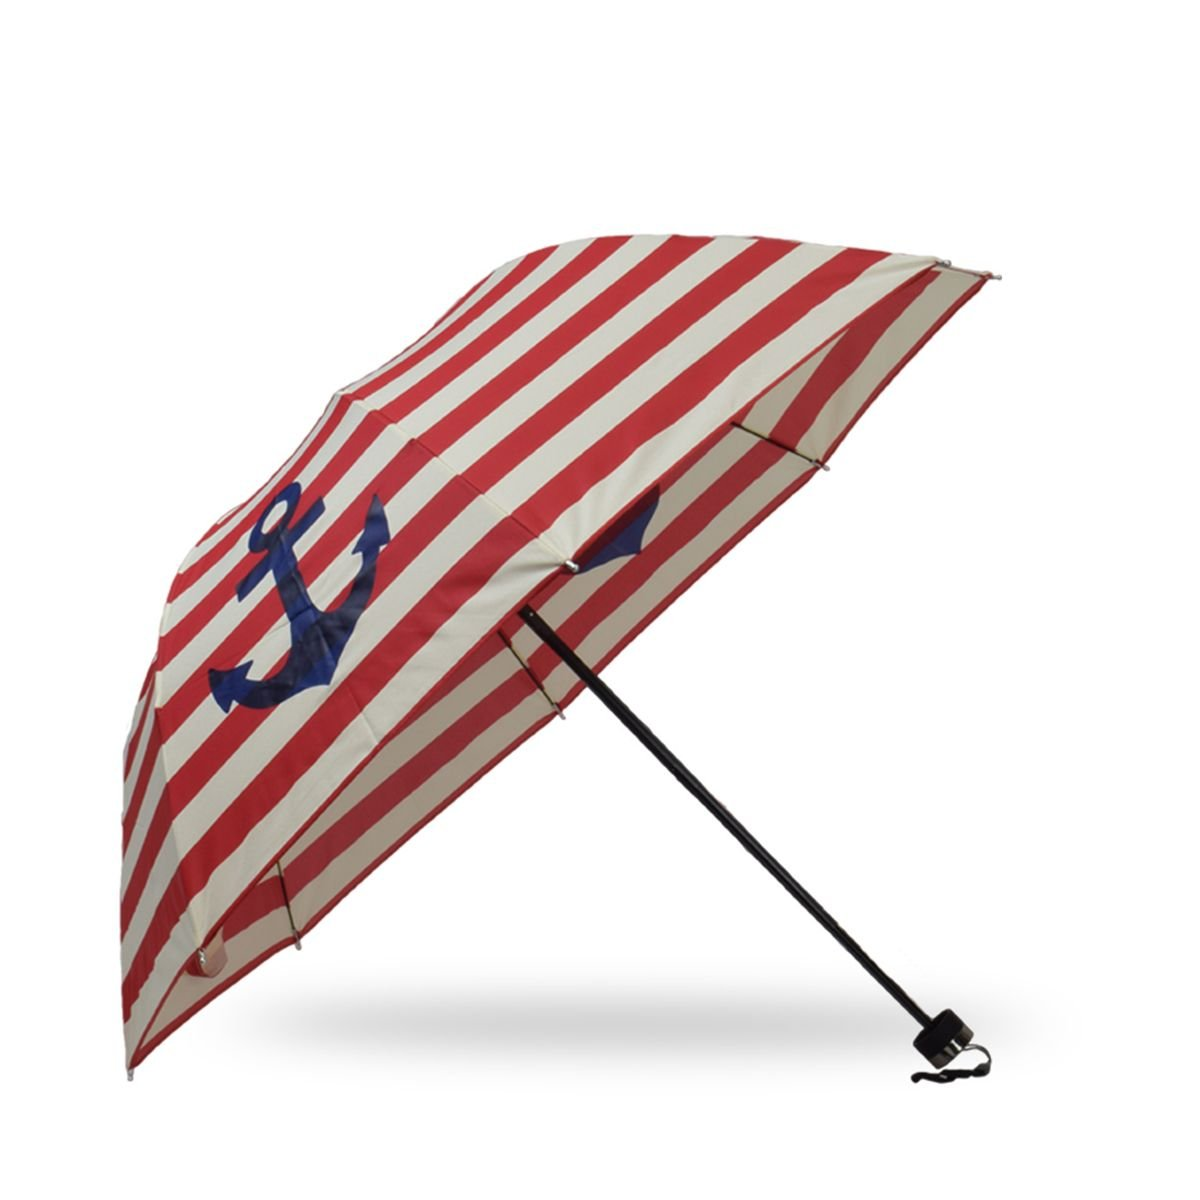 Sonia Originelli Taschenschirm Maritim Anker Streifen Regenschirm Schutz Farbe Grau SCHIRM7-MAR-rot